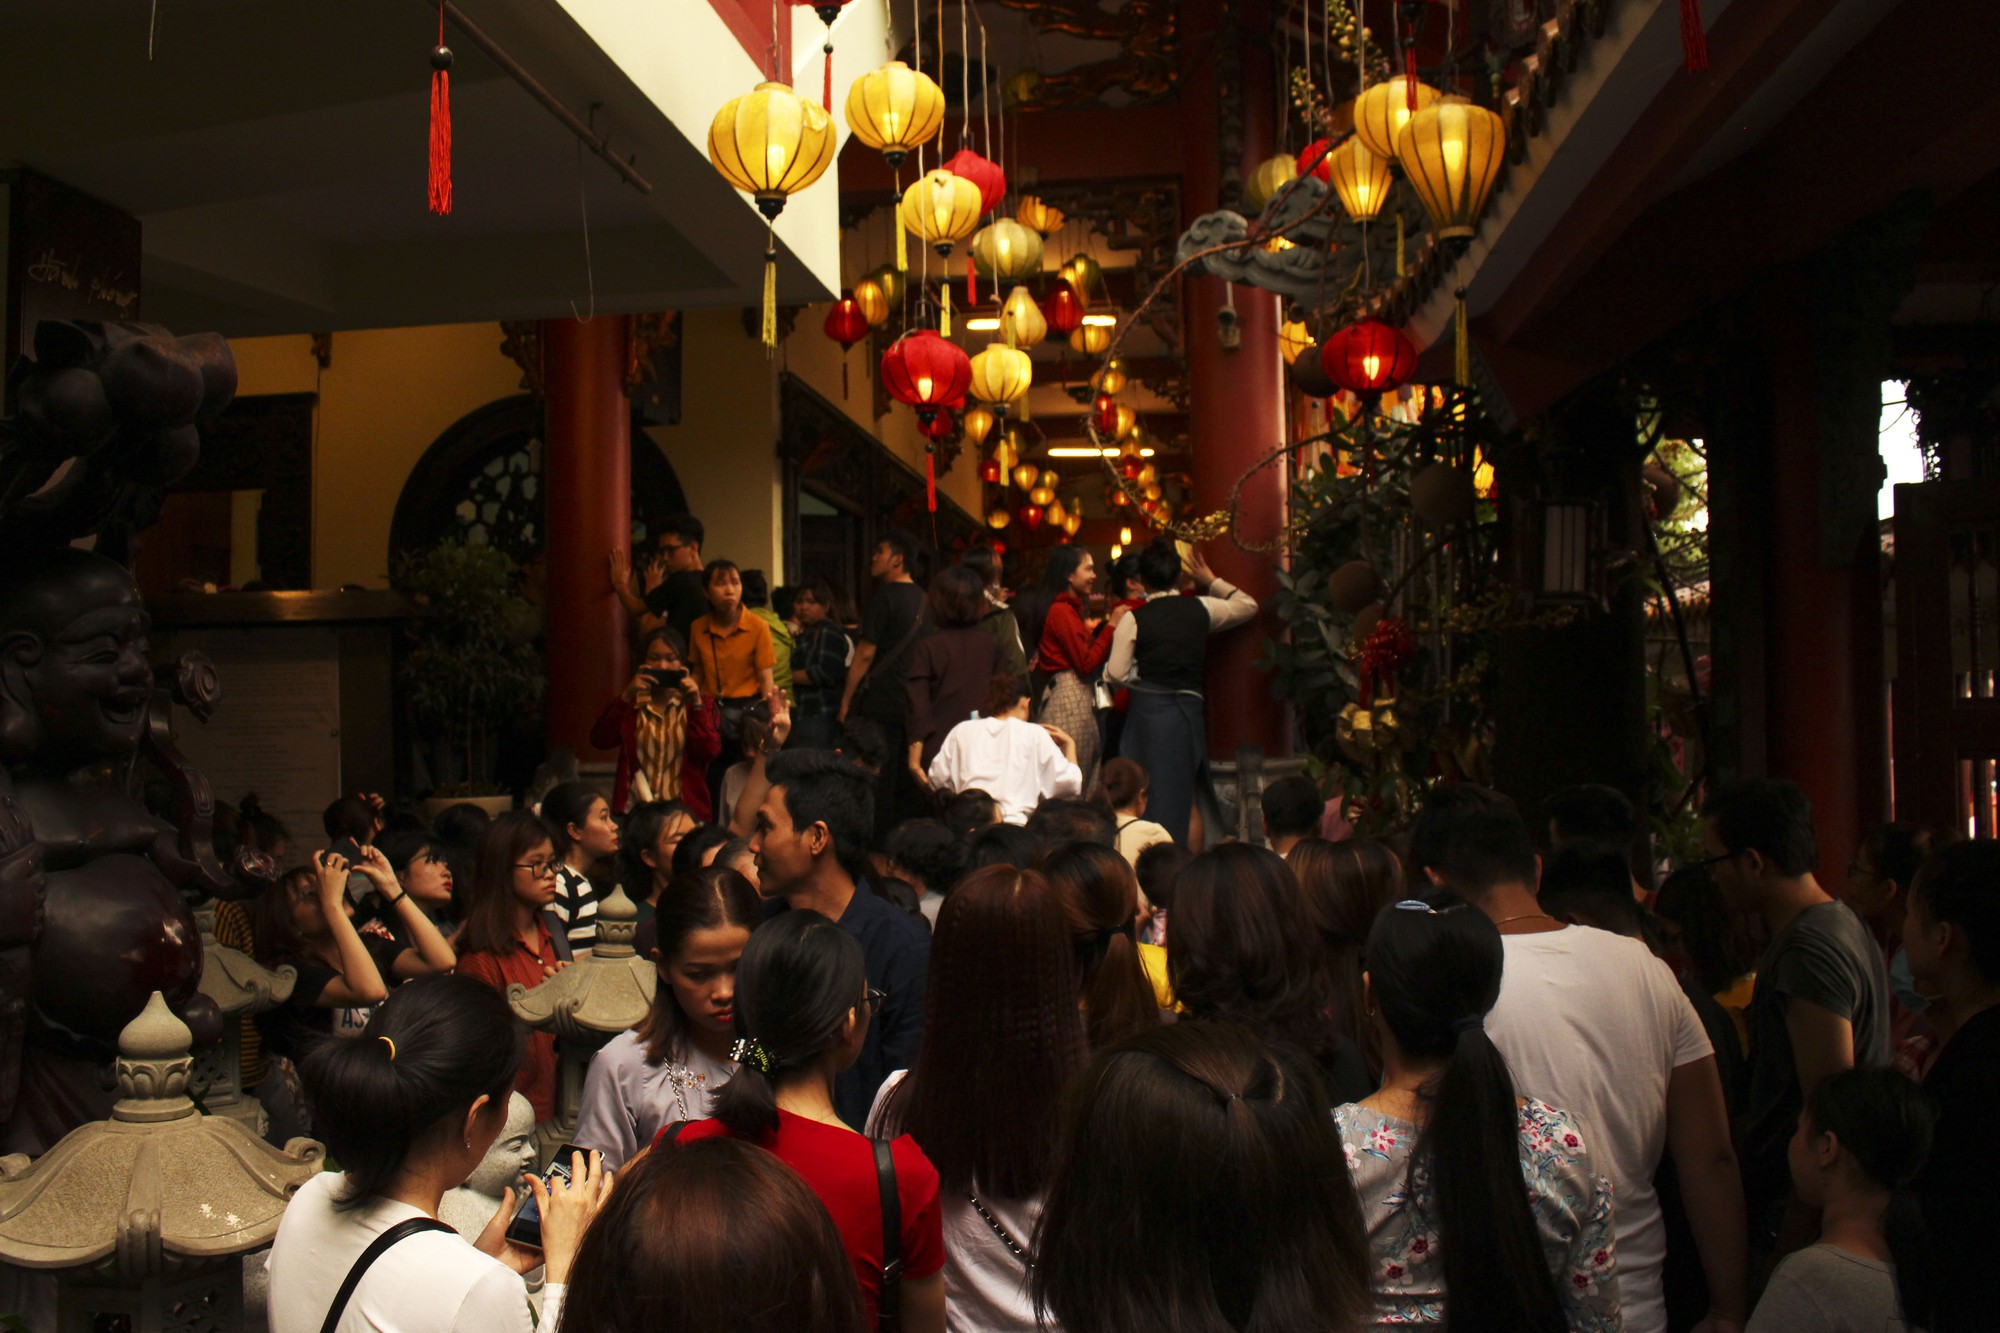 Chùa Pháp Hoa lung linh ngọn đèn hoa đăng ngày lễ Phật Đản - Ảnh 5.